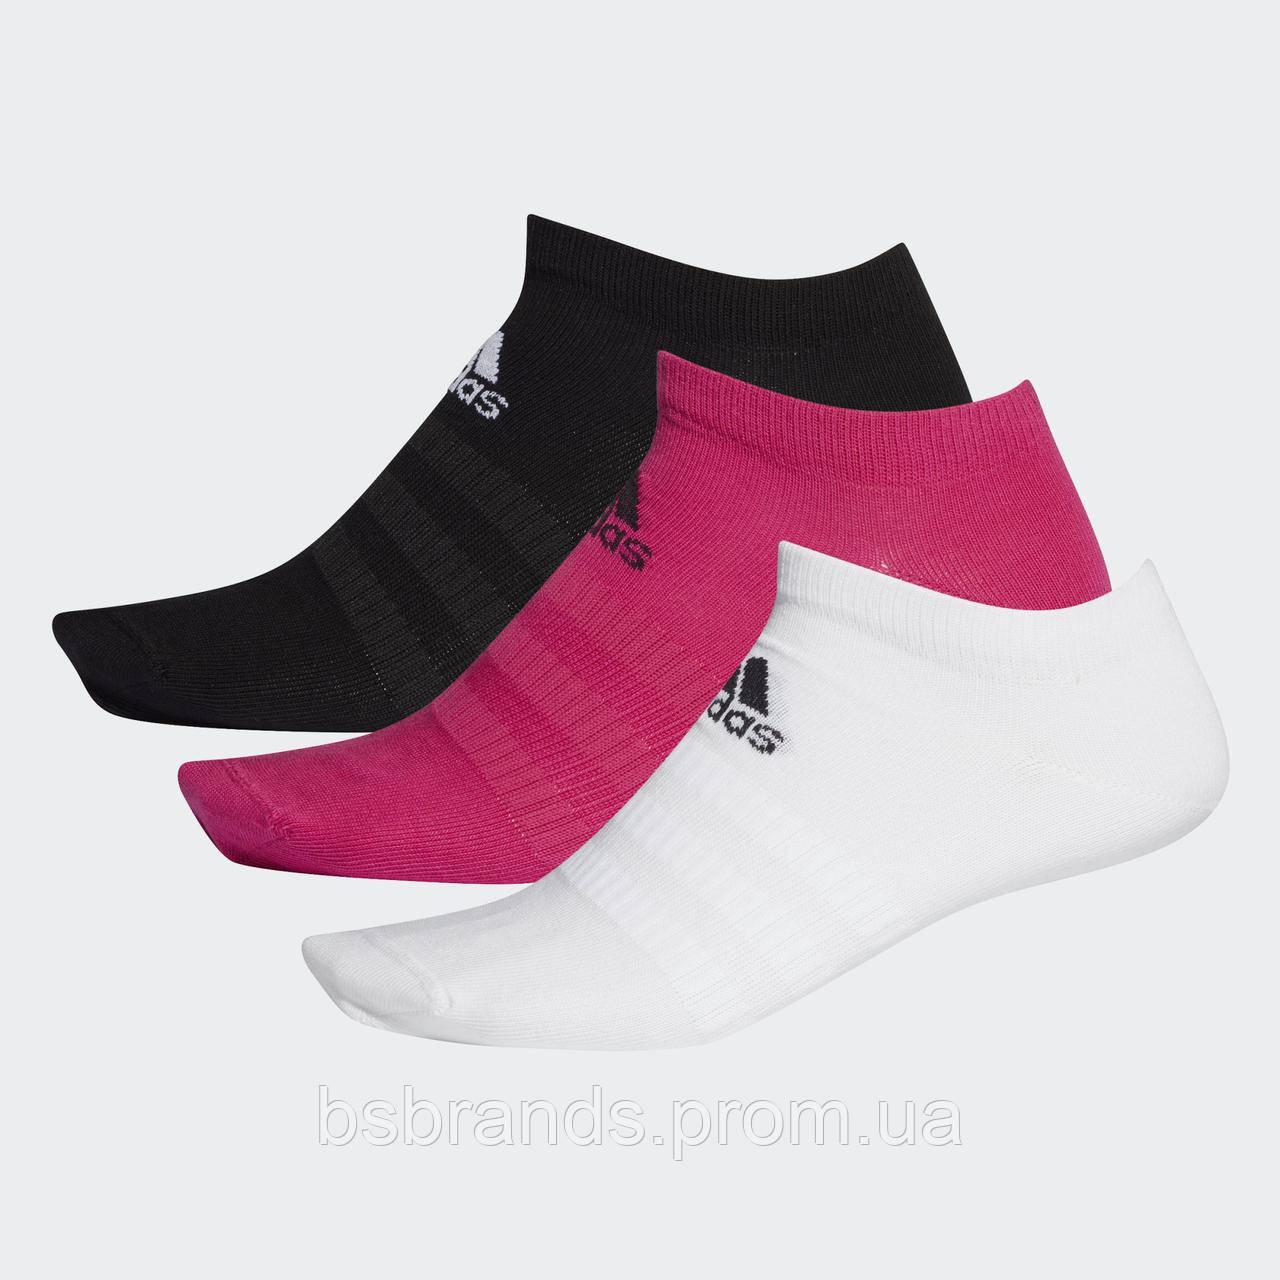 Спортивные носки Adidas Low-Cut DZ9403 (2020/1)